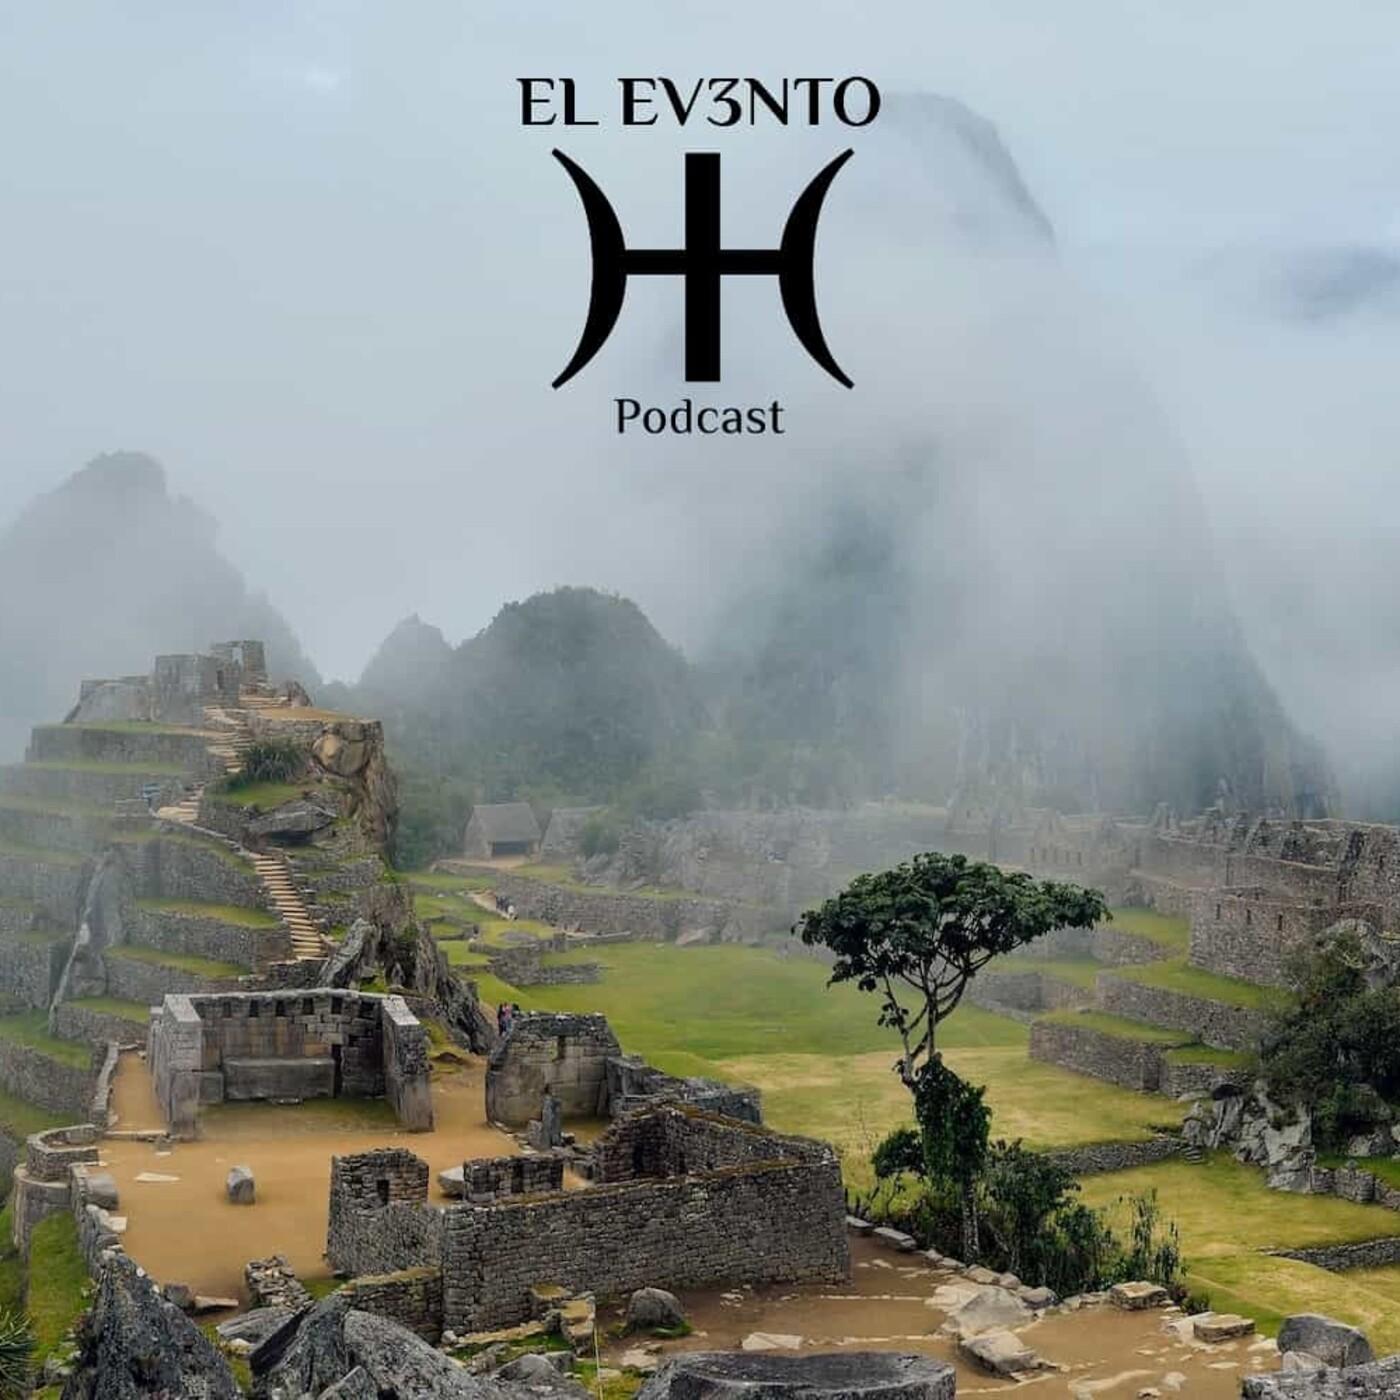 EL EV3NTO EXTRA: Una ciudad entre las nubes